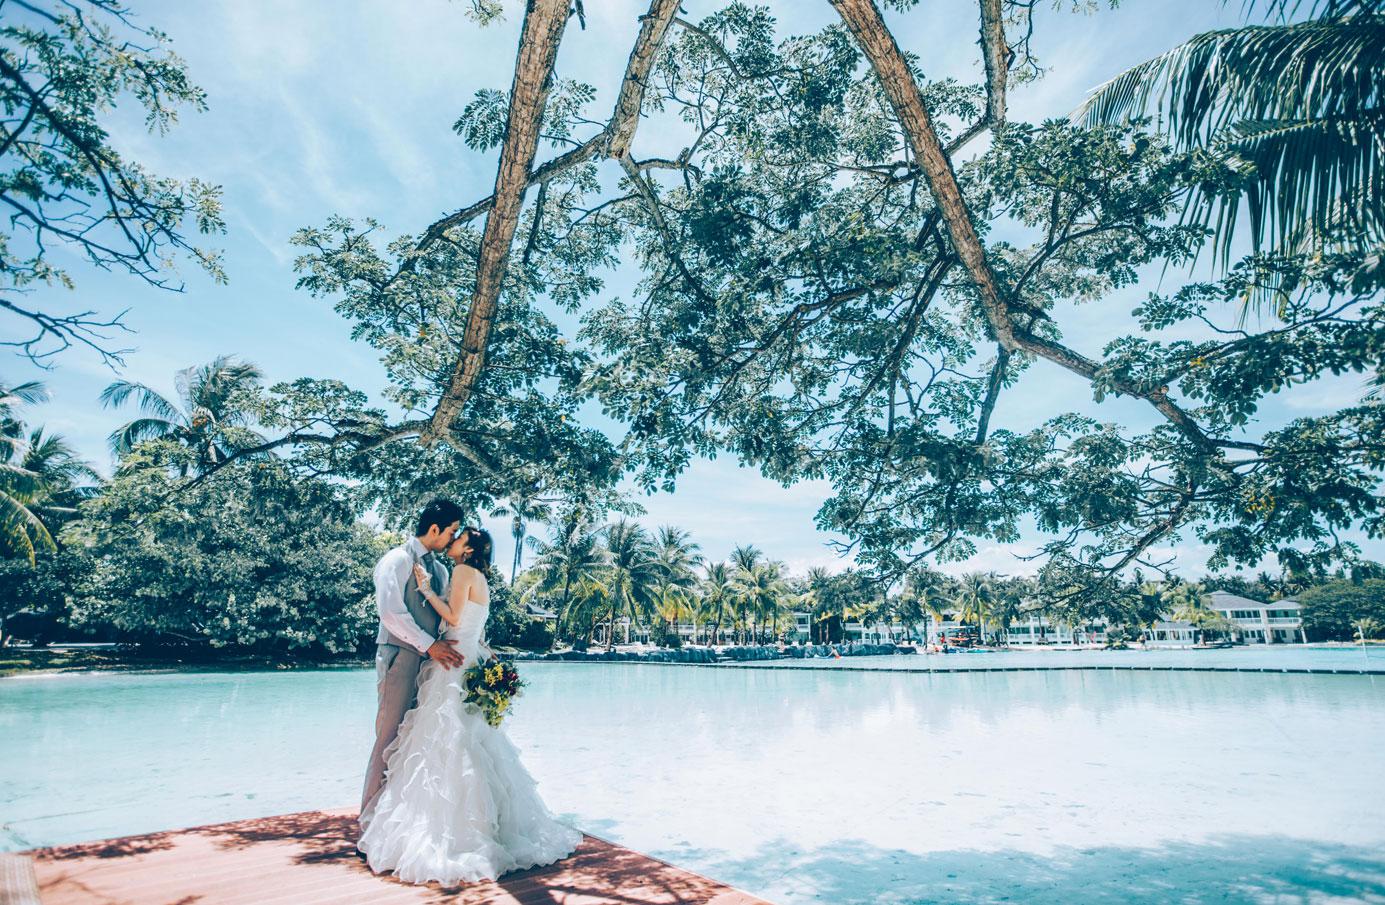 セブフォトウエディング セブ撮影 セブハネムーン セブ結婚式 セブカメラマン